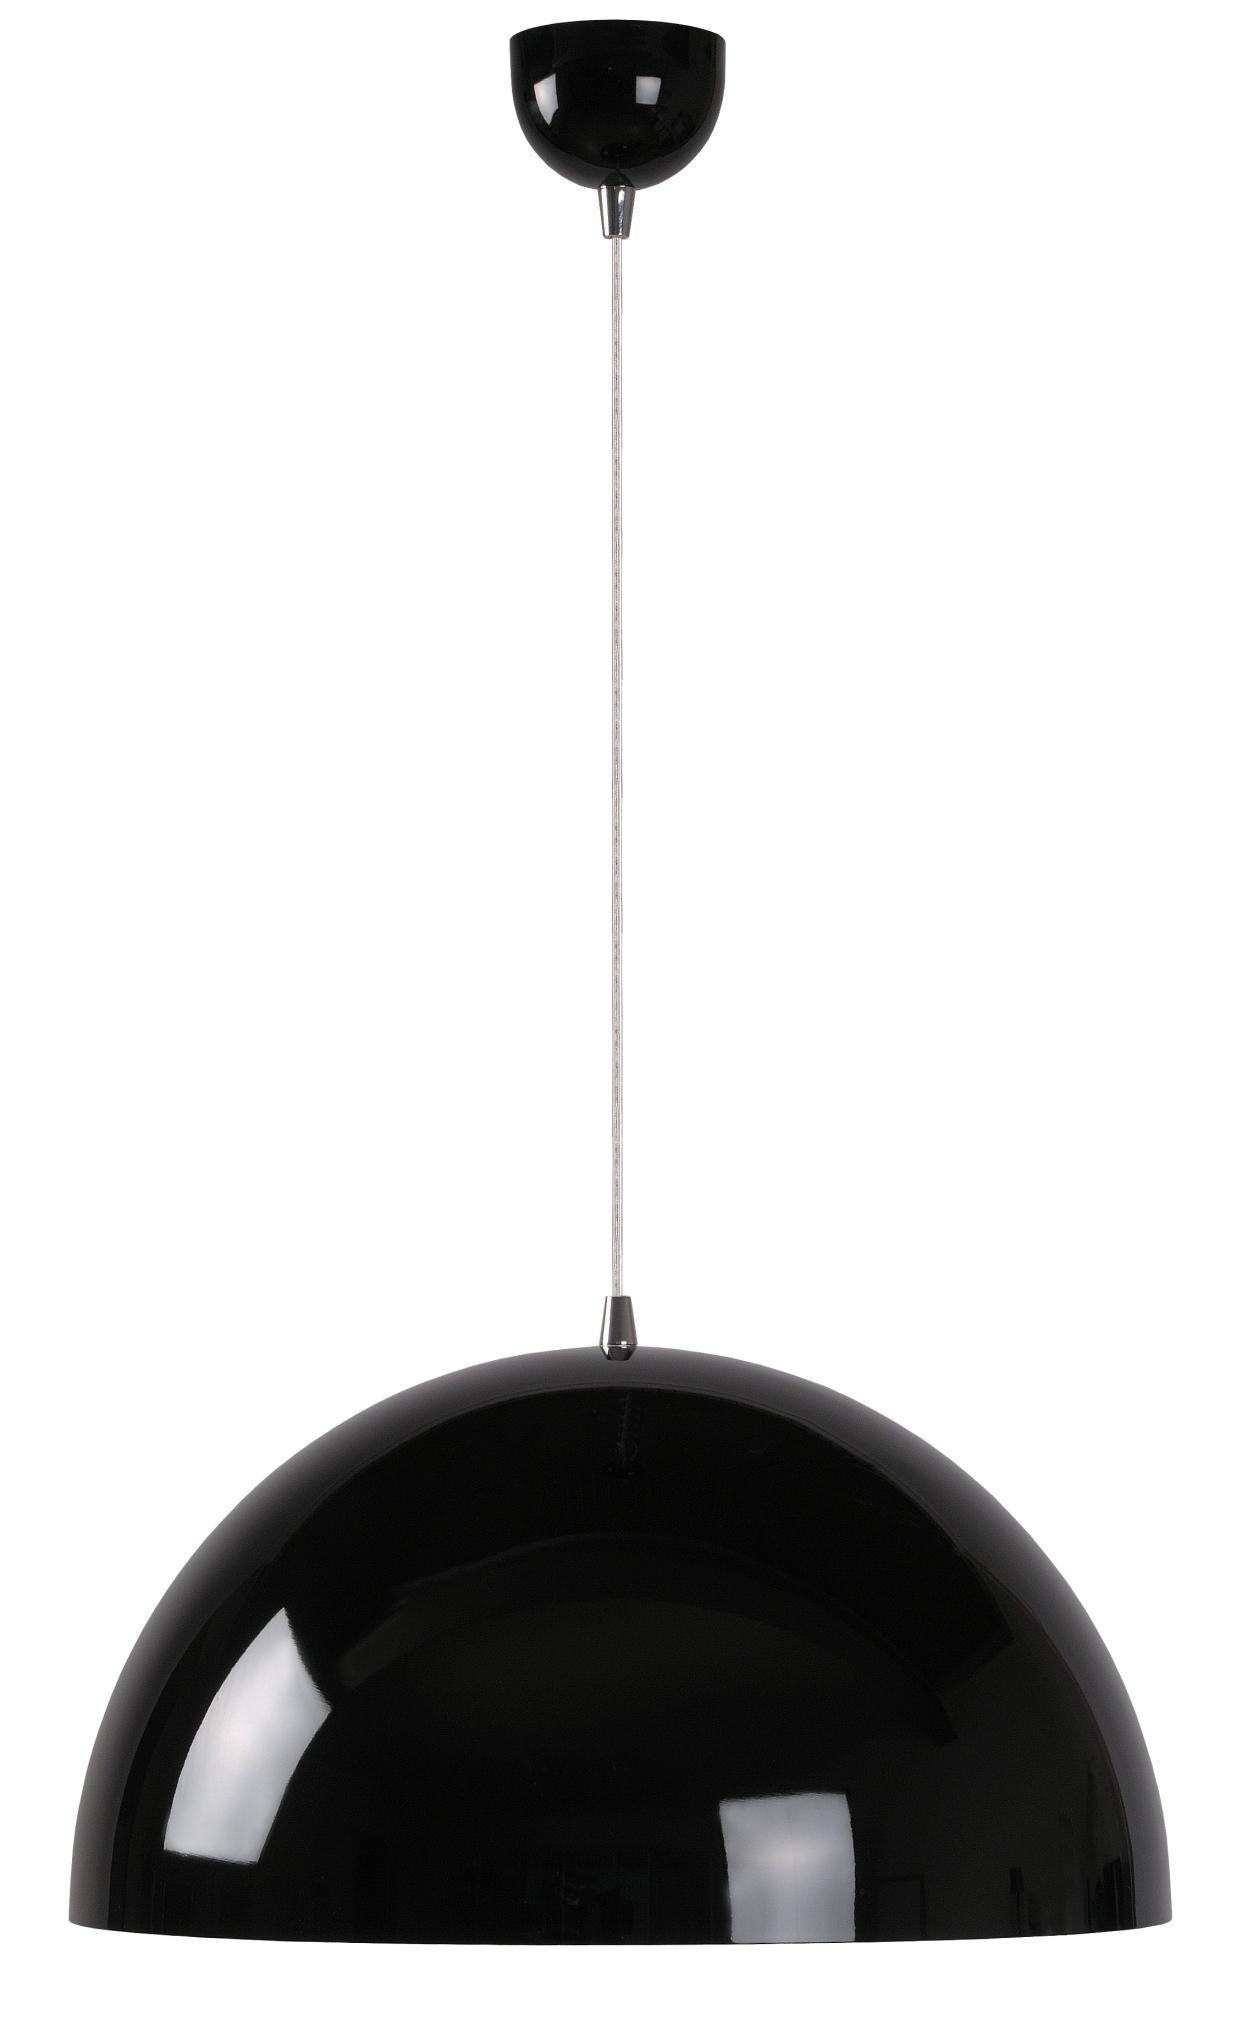 Lucide Hanglamp Riva -Ø50 Cm - Zwart